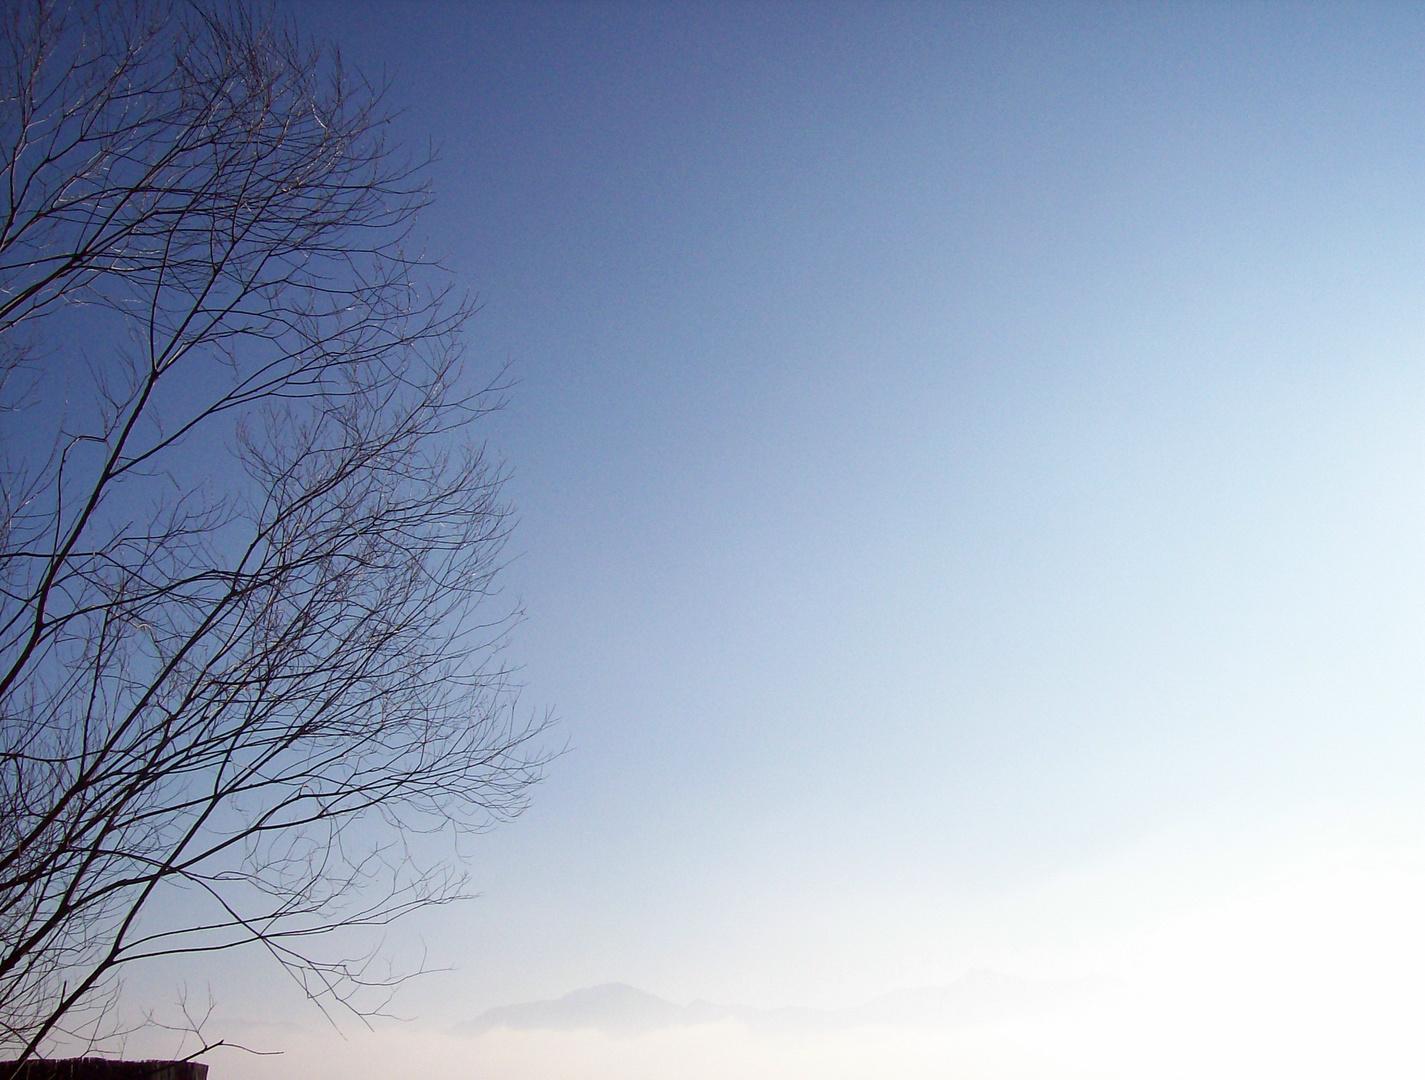 Der Himmel im Winter